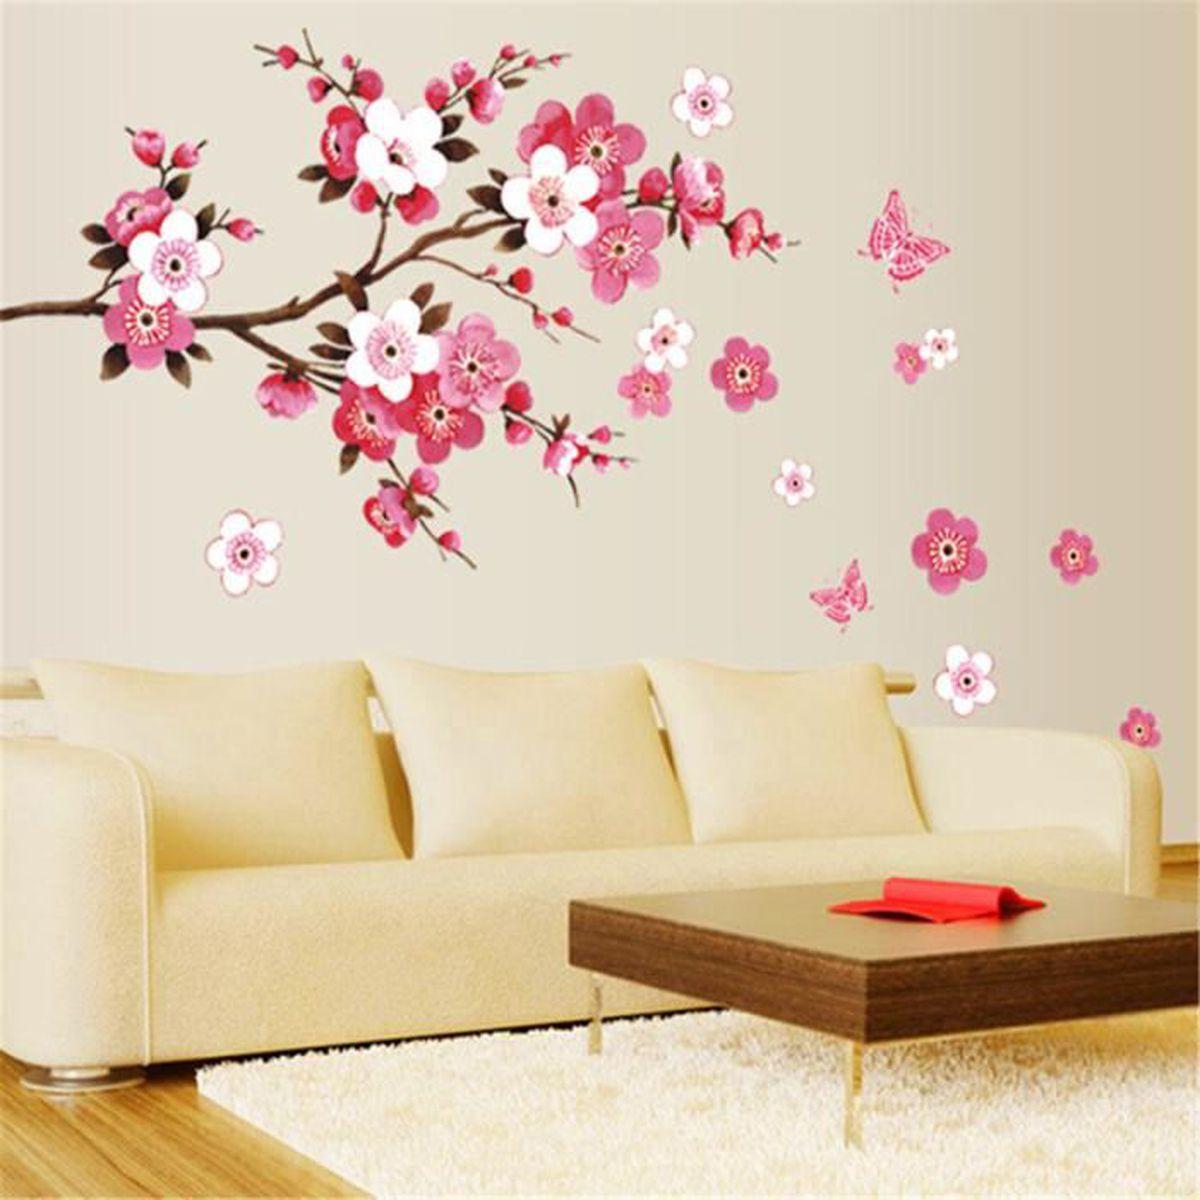 sticker mural fleur mur amovible autocollant d co maison chambre salon 45 60cm achat vente. Black Bedroom Furniture Sets. Home Design Ideas